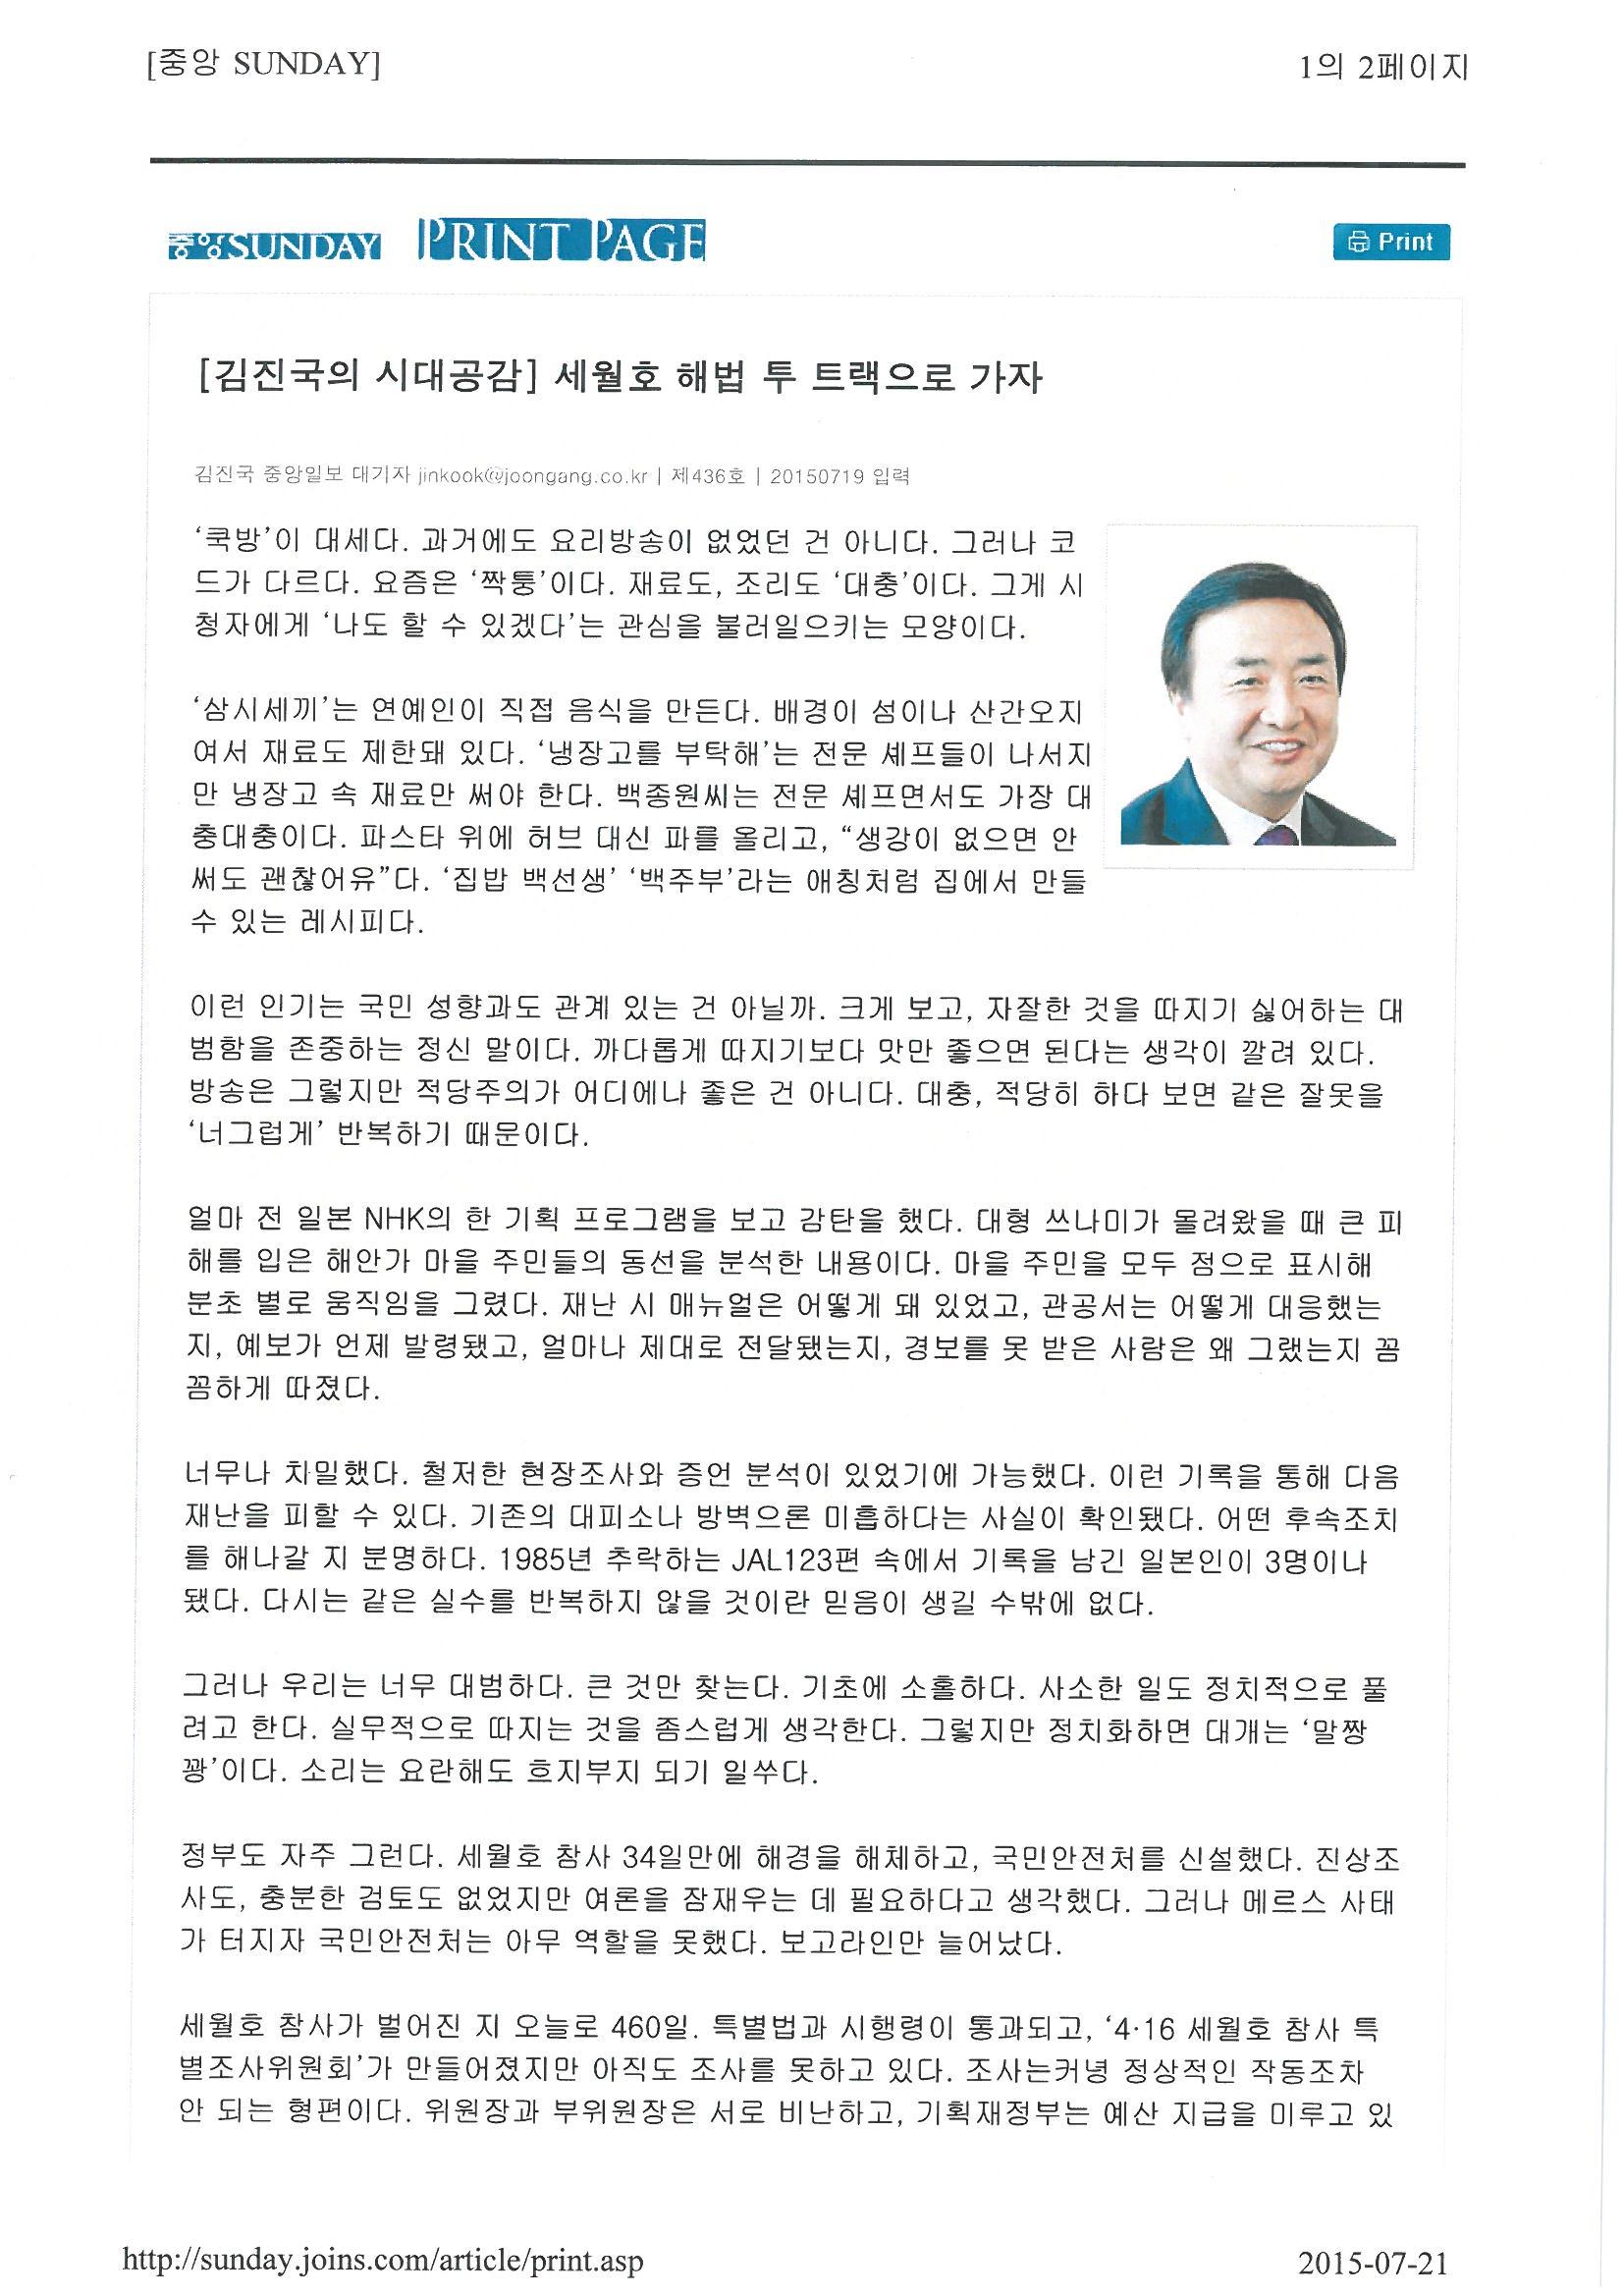 김진국 시대공감